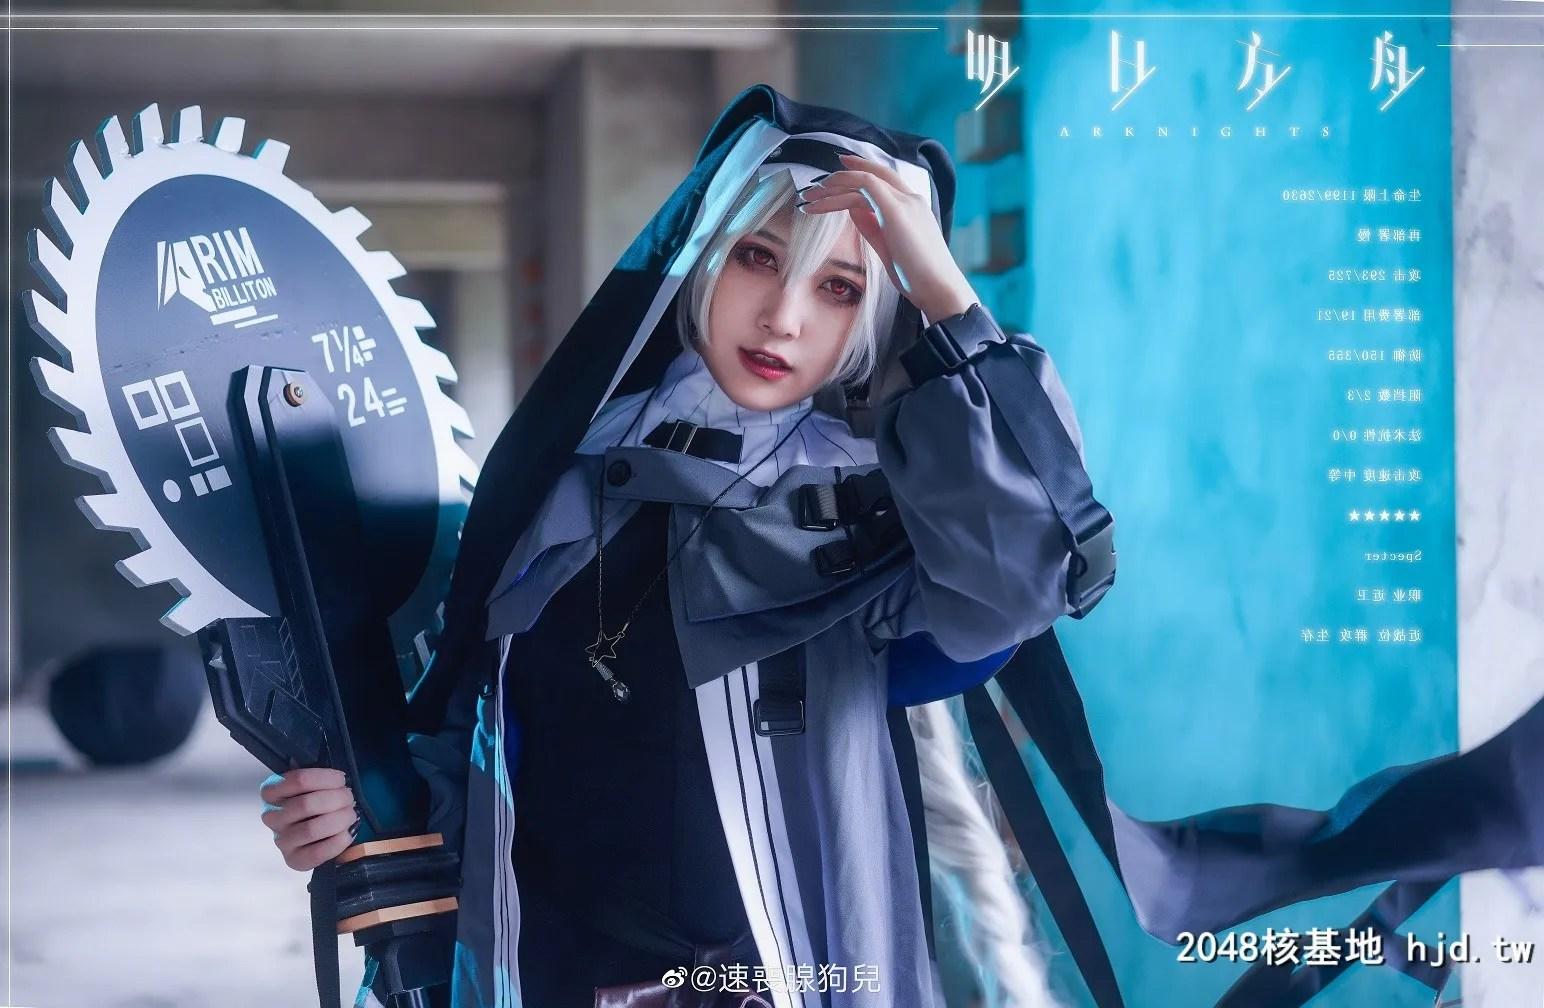 明日方舟幽灵鲨@速丧腺狗儿 (9P)插图(4)